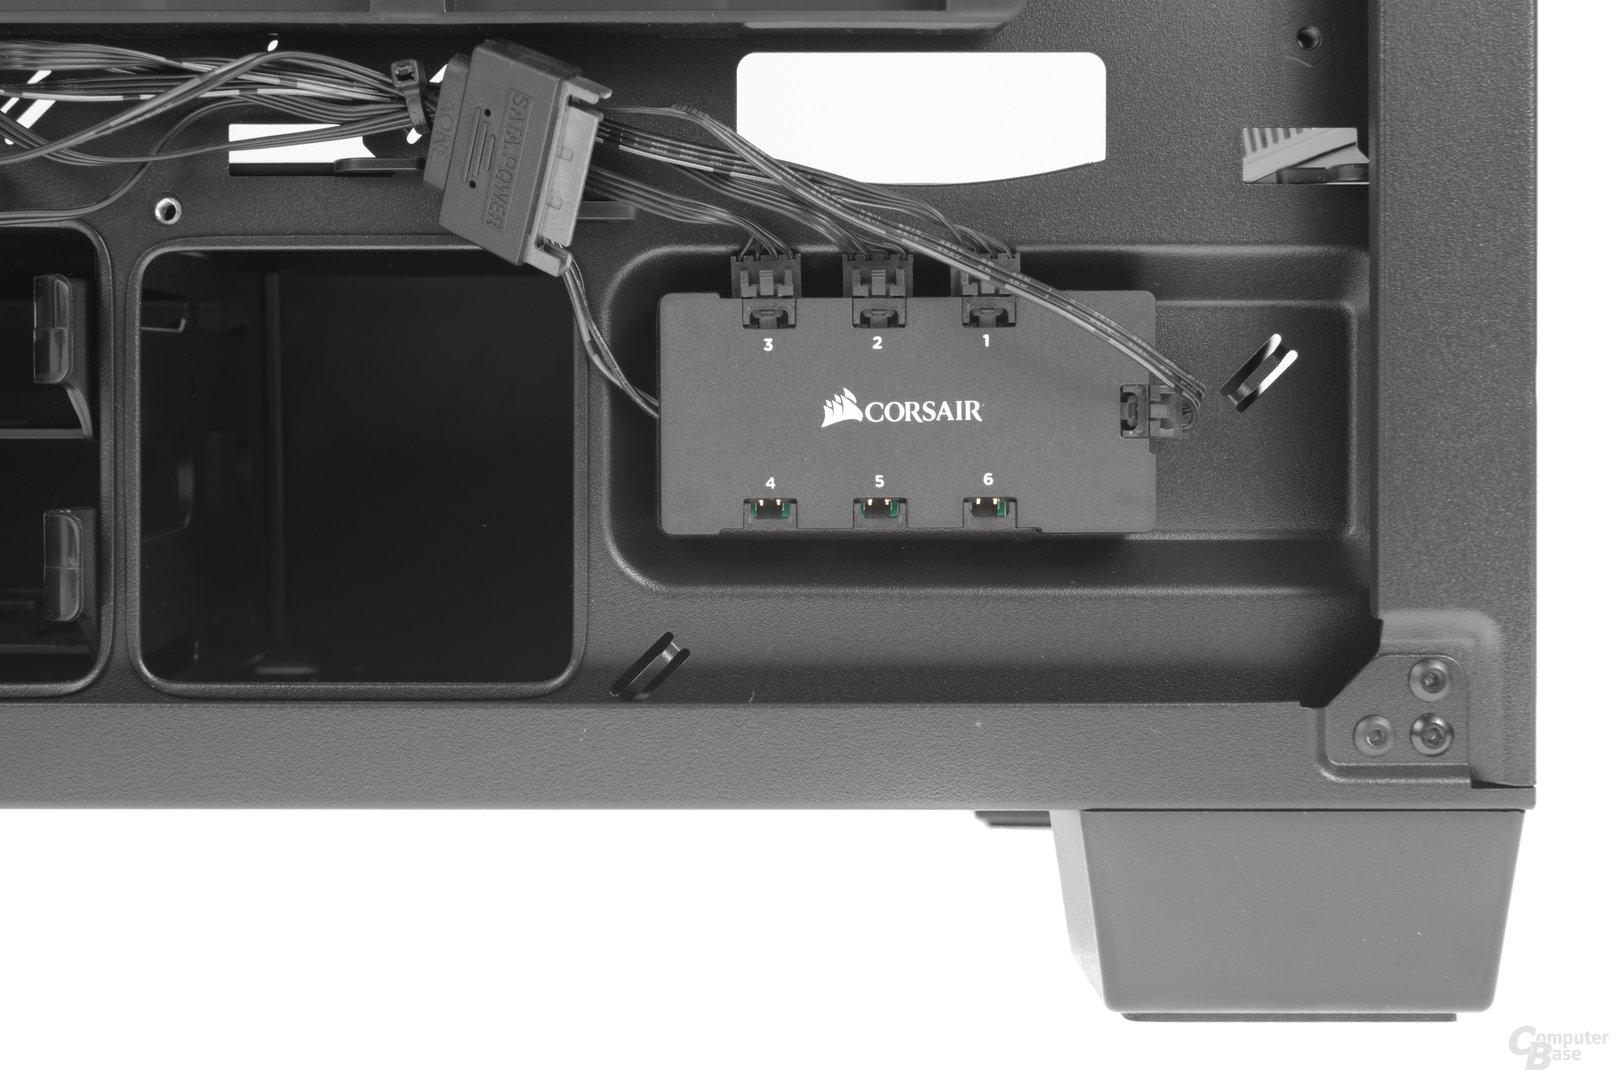 Corsair Crystal 460X RGB – Bauteil der LED-Steuerung, kann um drei weitere Lüfter erweitert werden